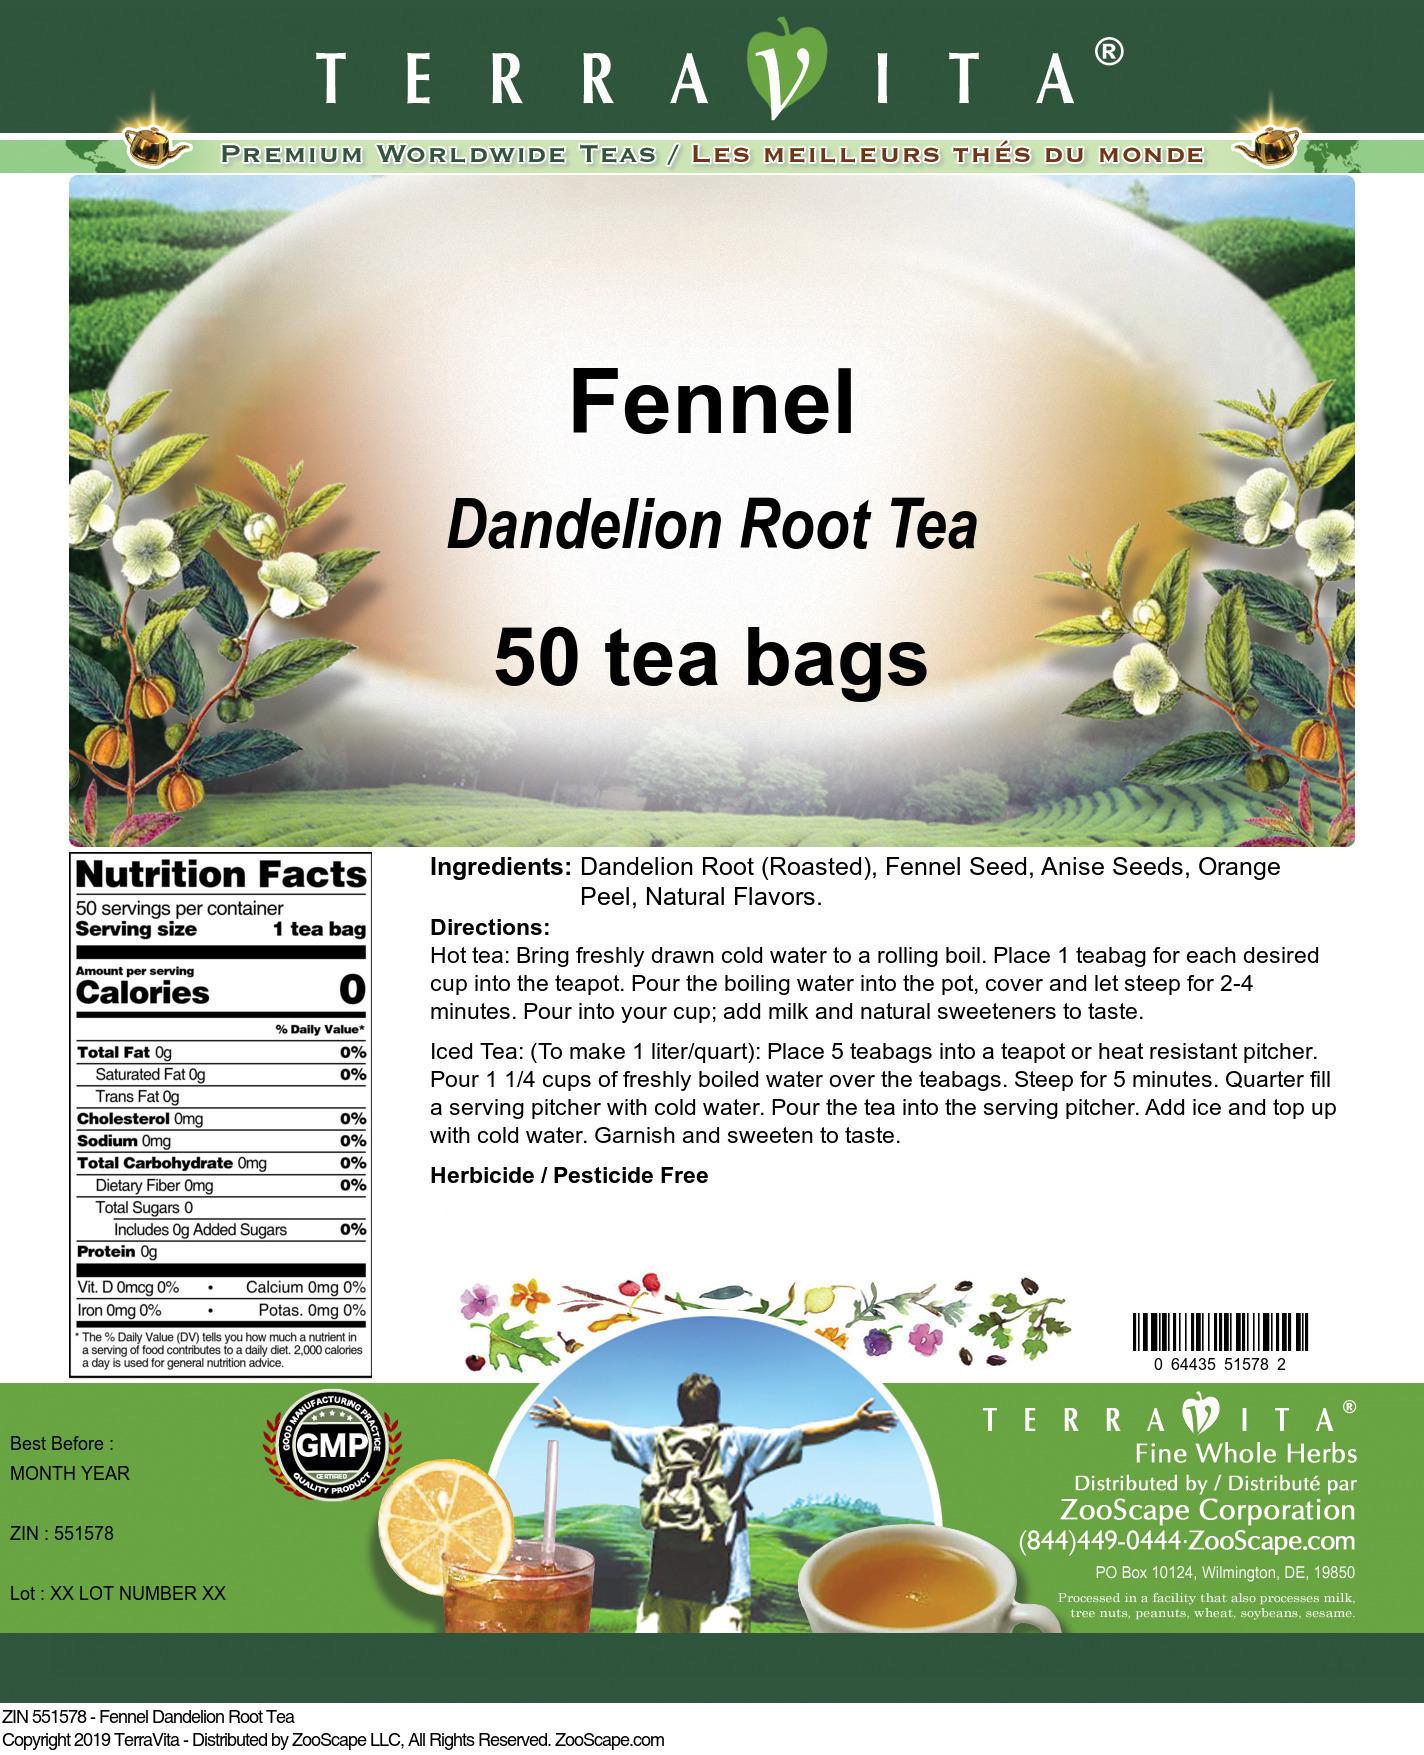 Fennel Dandelion Root Tea